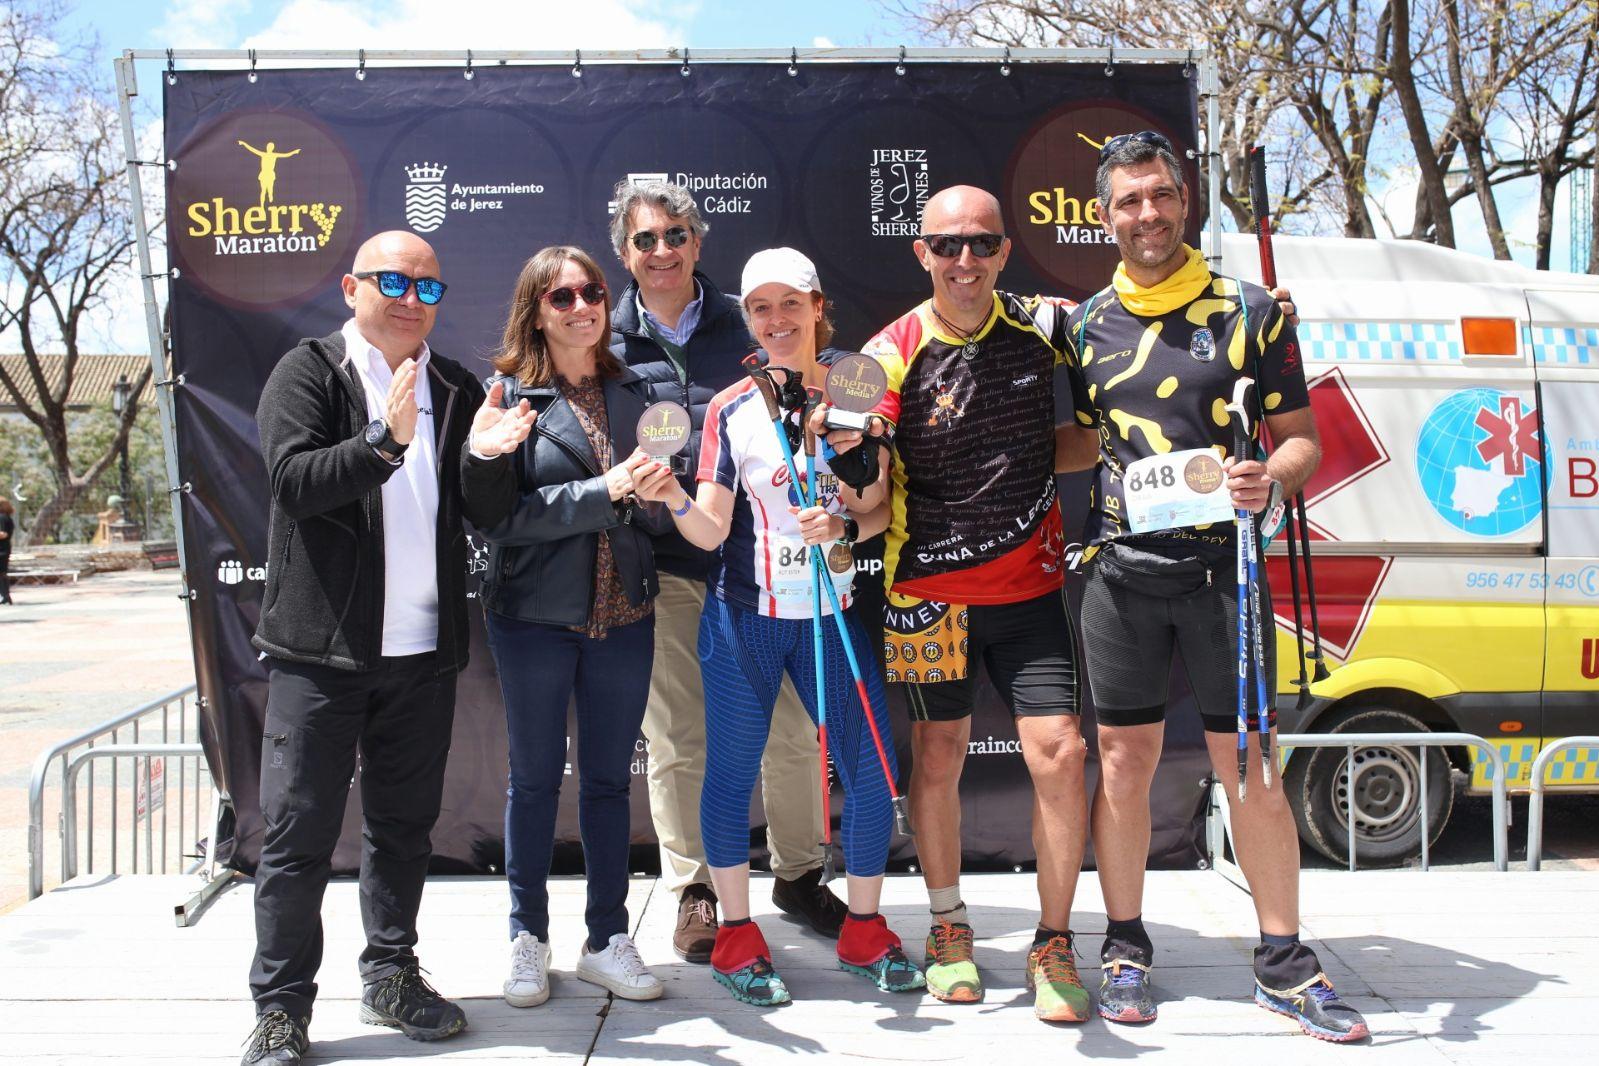 Sherry_Maratón_2018_vencedores_Nordic_Walking_©_Jaime_Porrúa